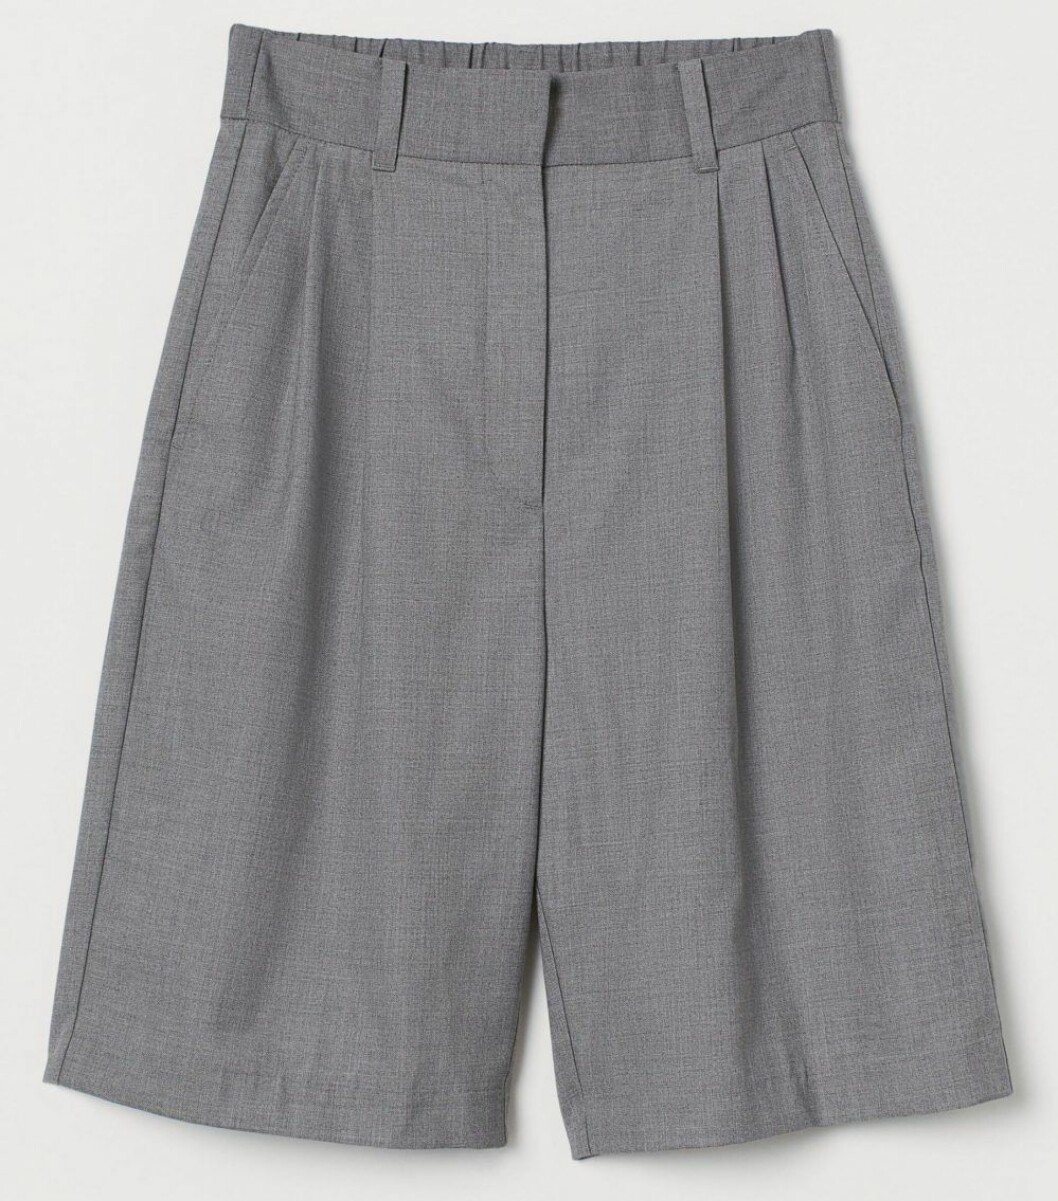 Matchande grå bermudashorts från H&M.